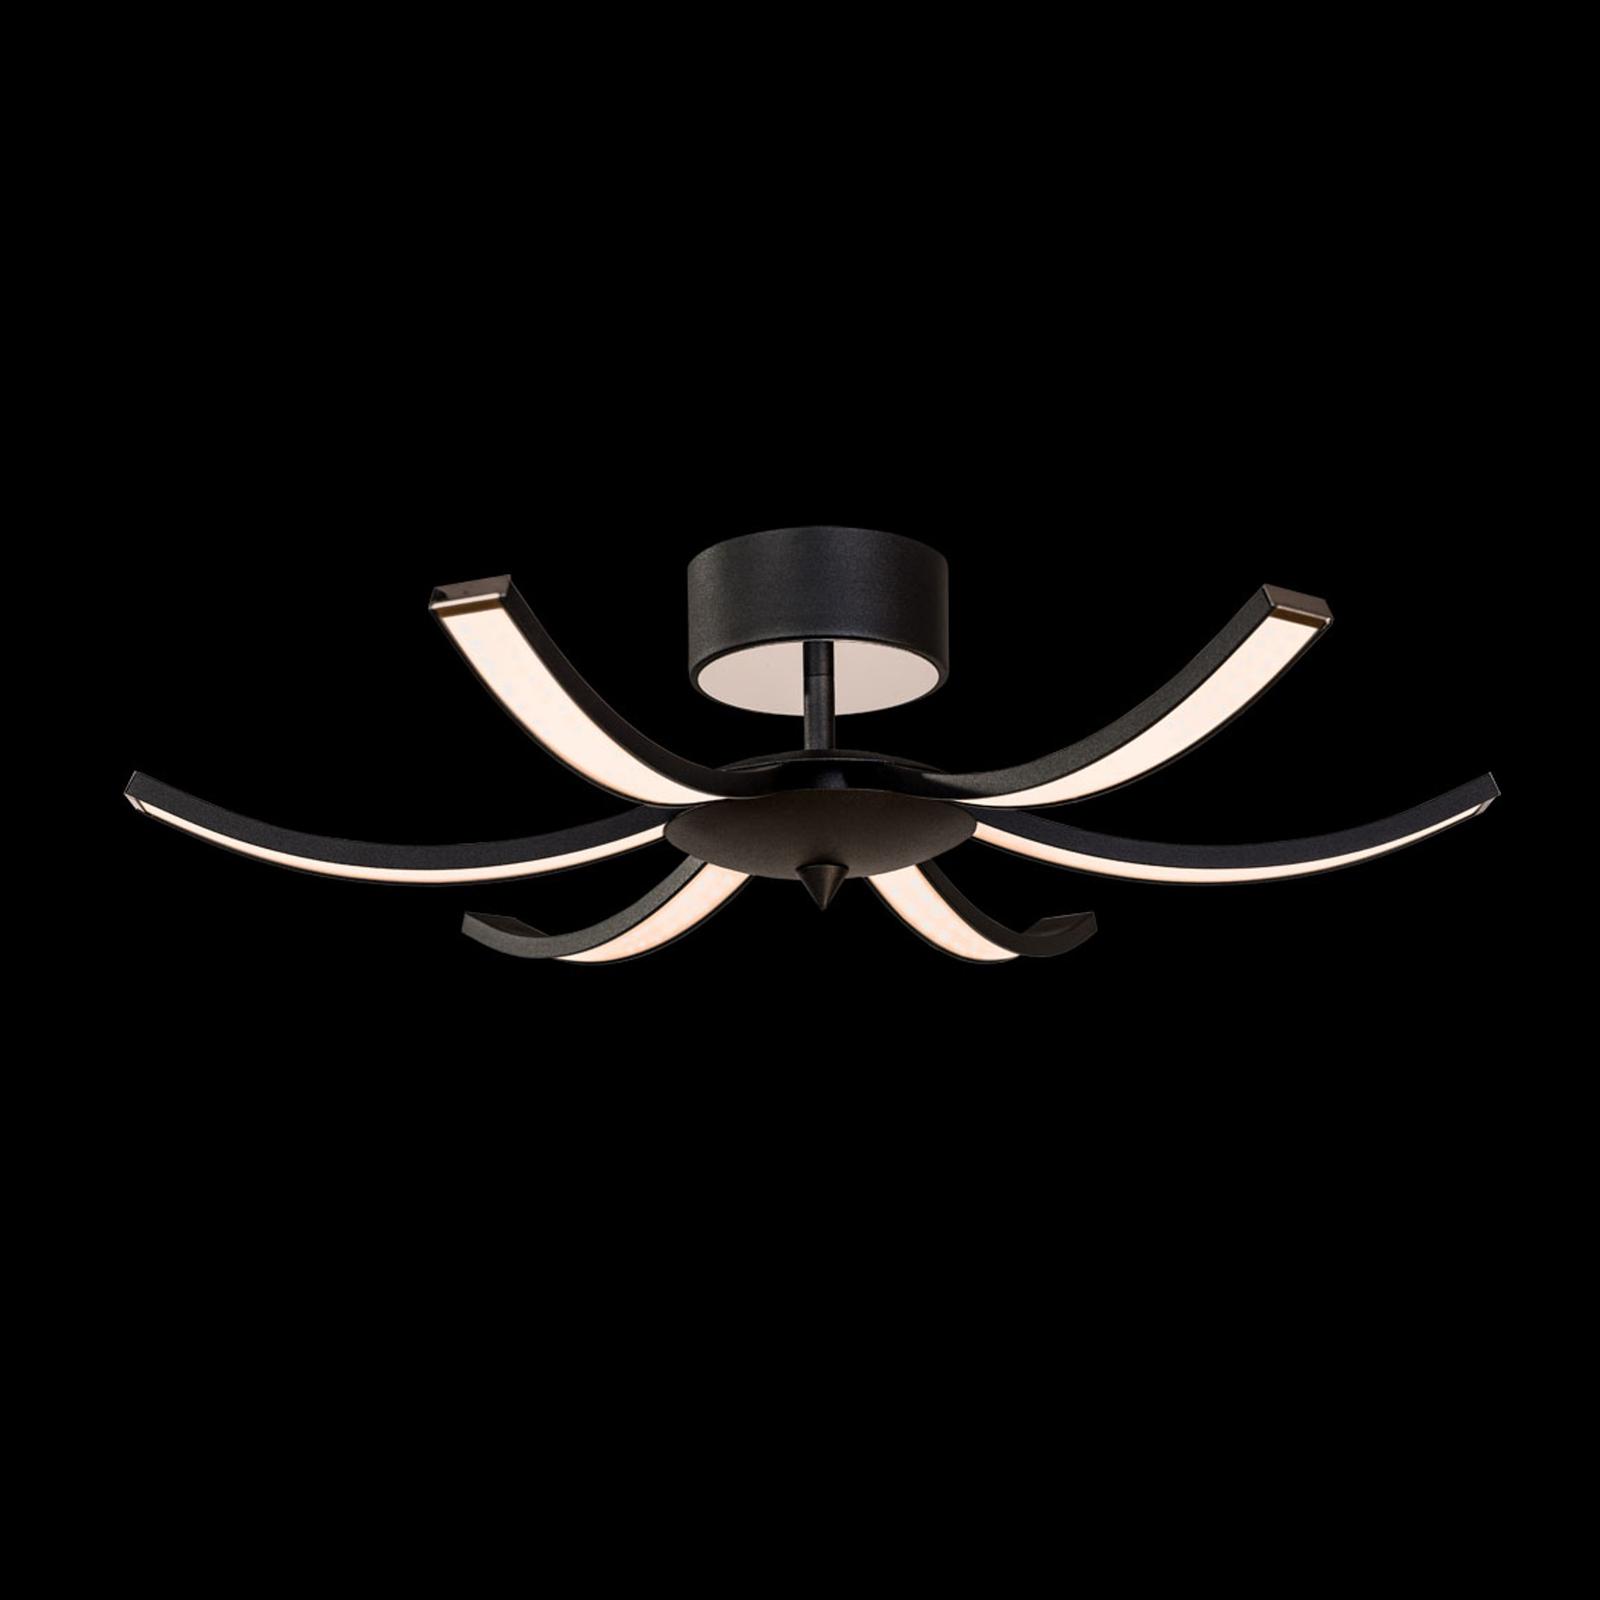 LED-kattovalaisin Umbra, Ø 63 cm